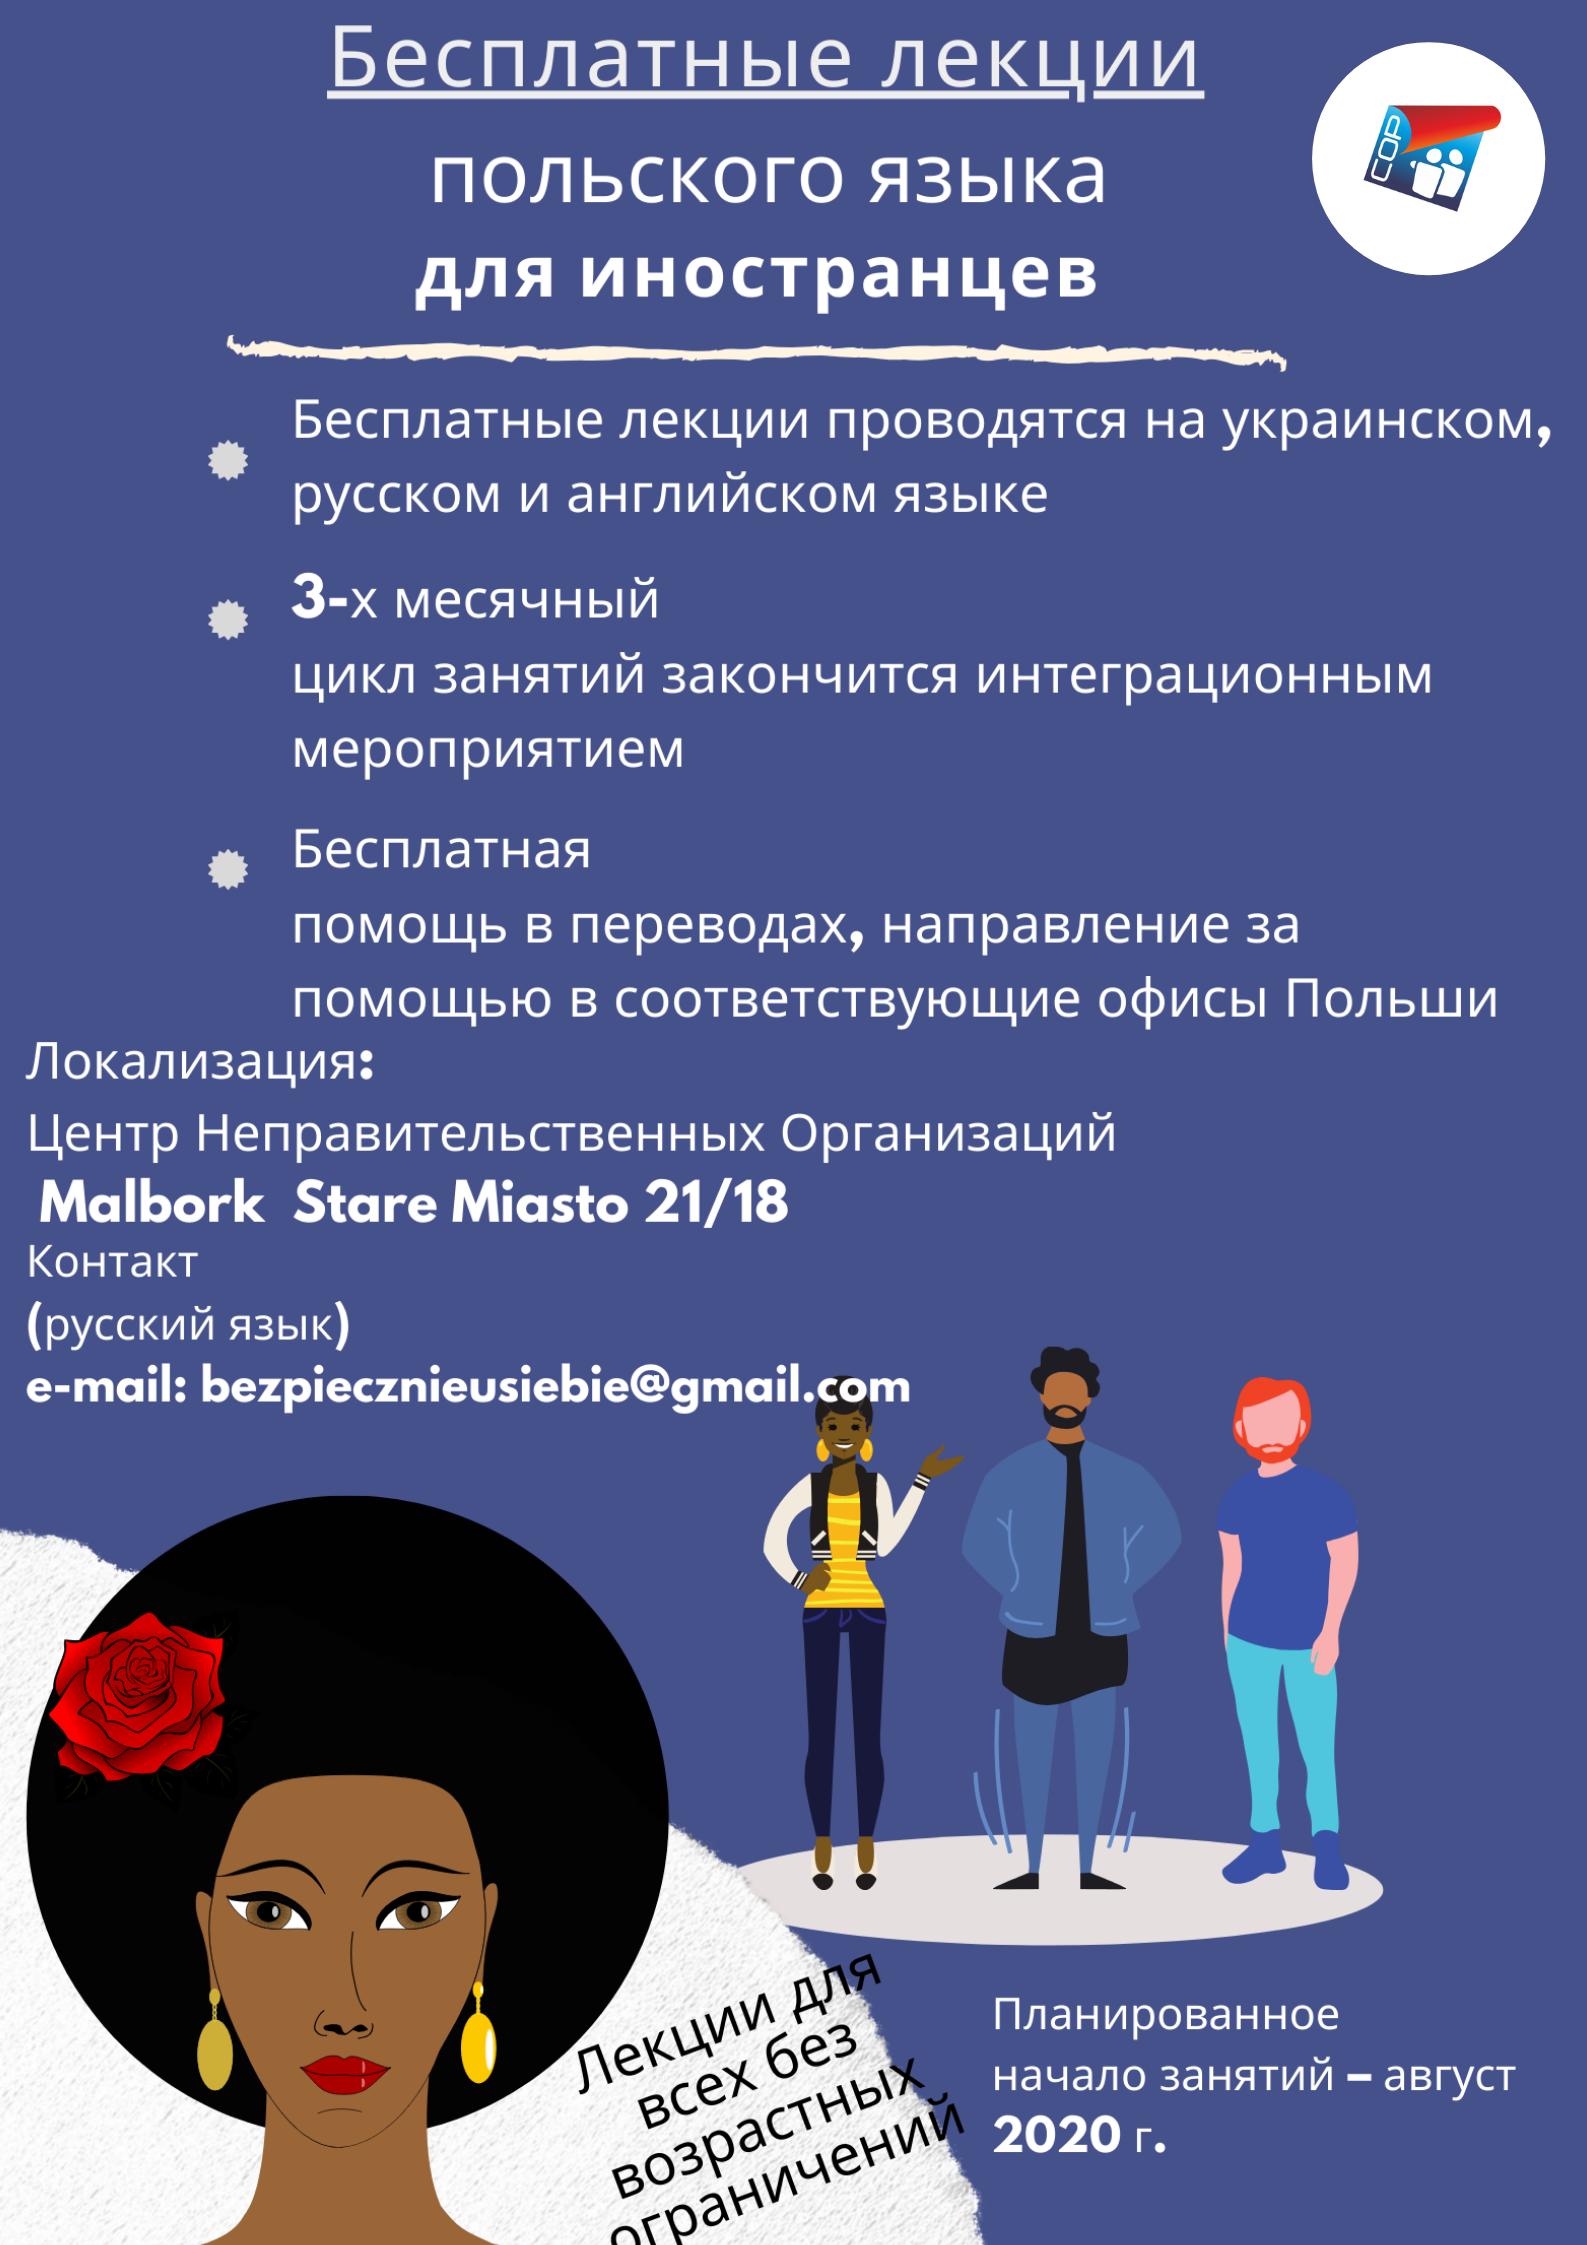 http://m.82-200.pl/2020/06/orig/rus-6247.png